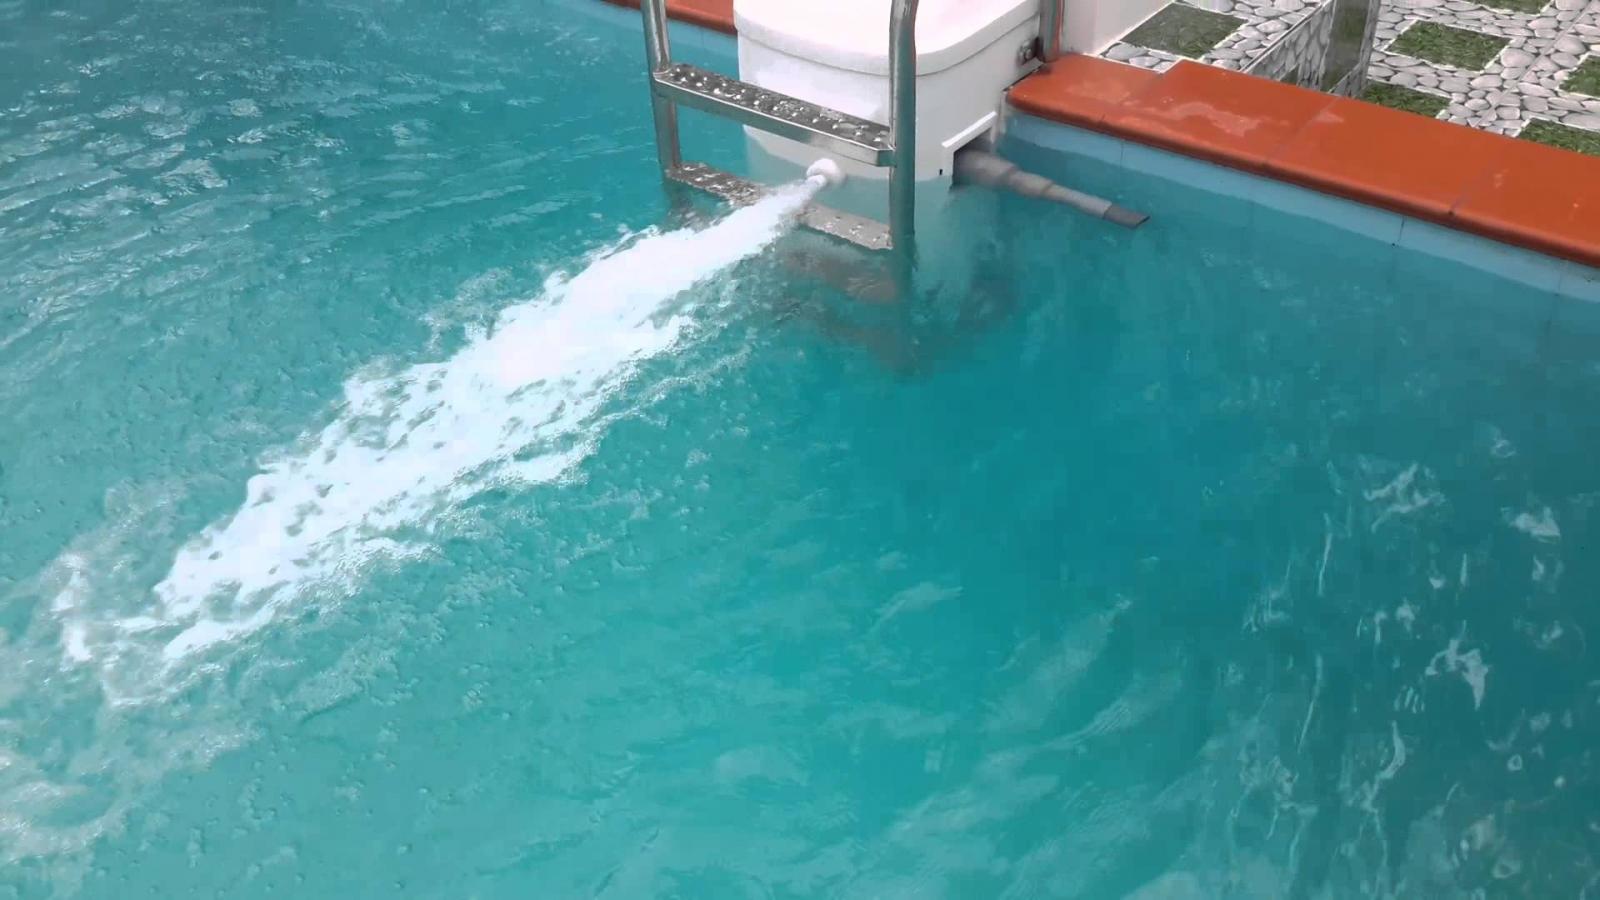 Nguyên-nhân-gây-bọt-nước-bể-bơi3